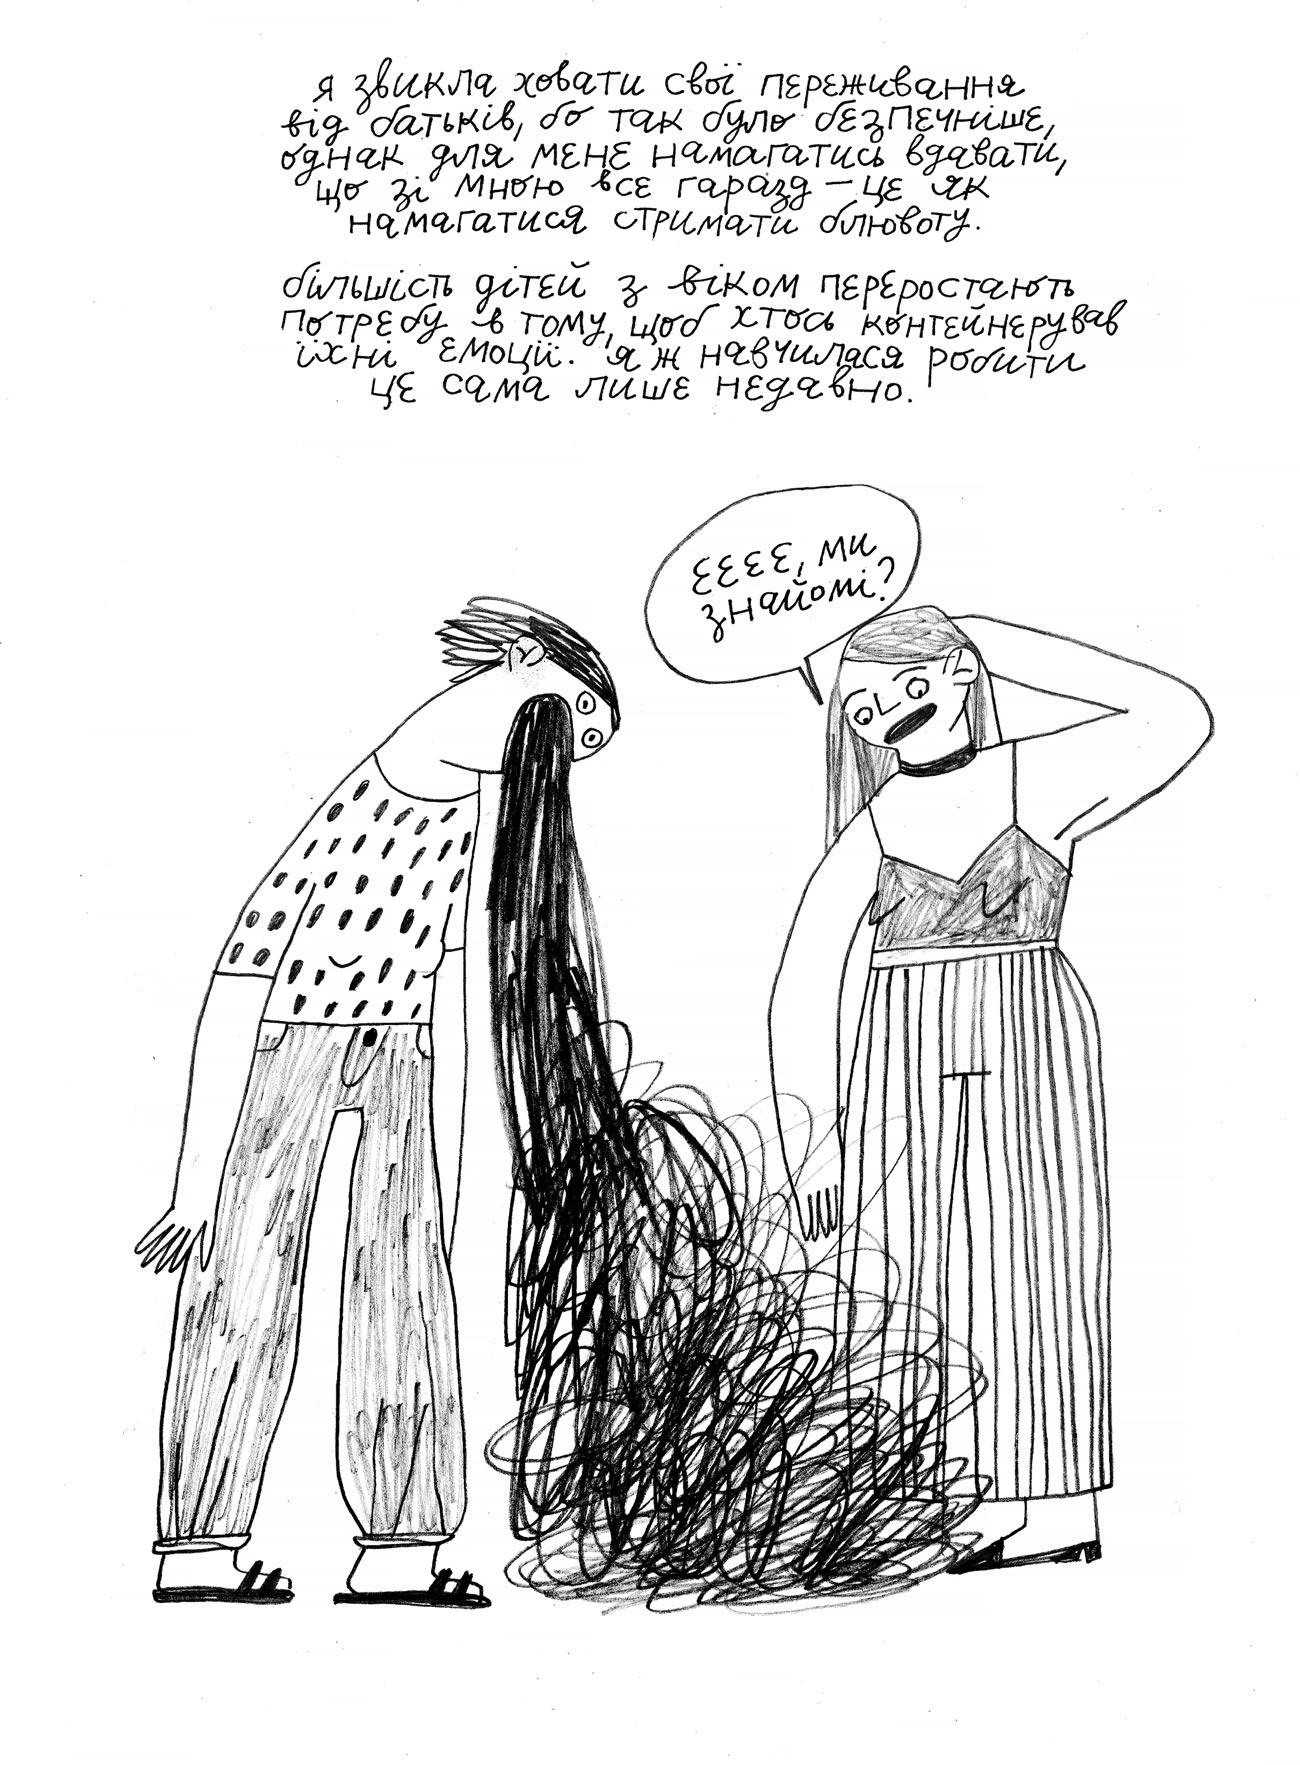 comics oliynik 15 - <b>Вам дісталася сумна дитина.</b> Комікс Жені Олійник про те, як депресія впливає на стосунки - Заборона